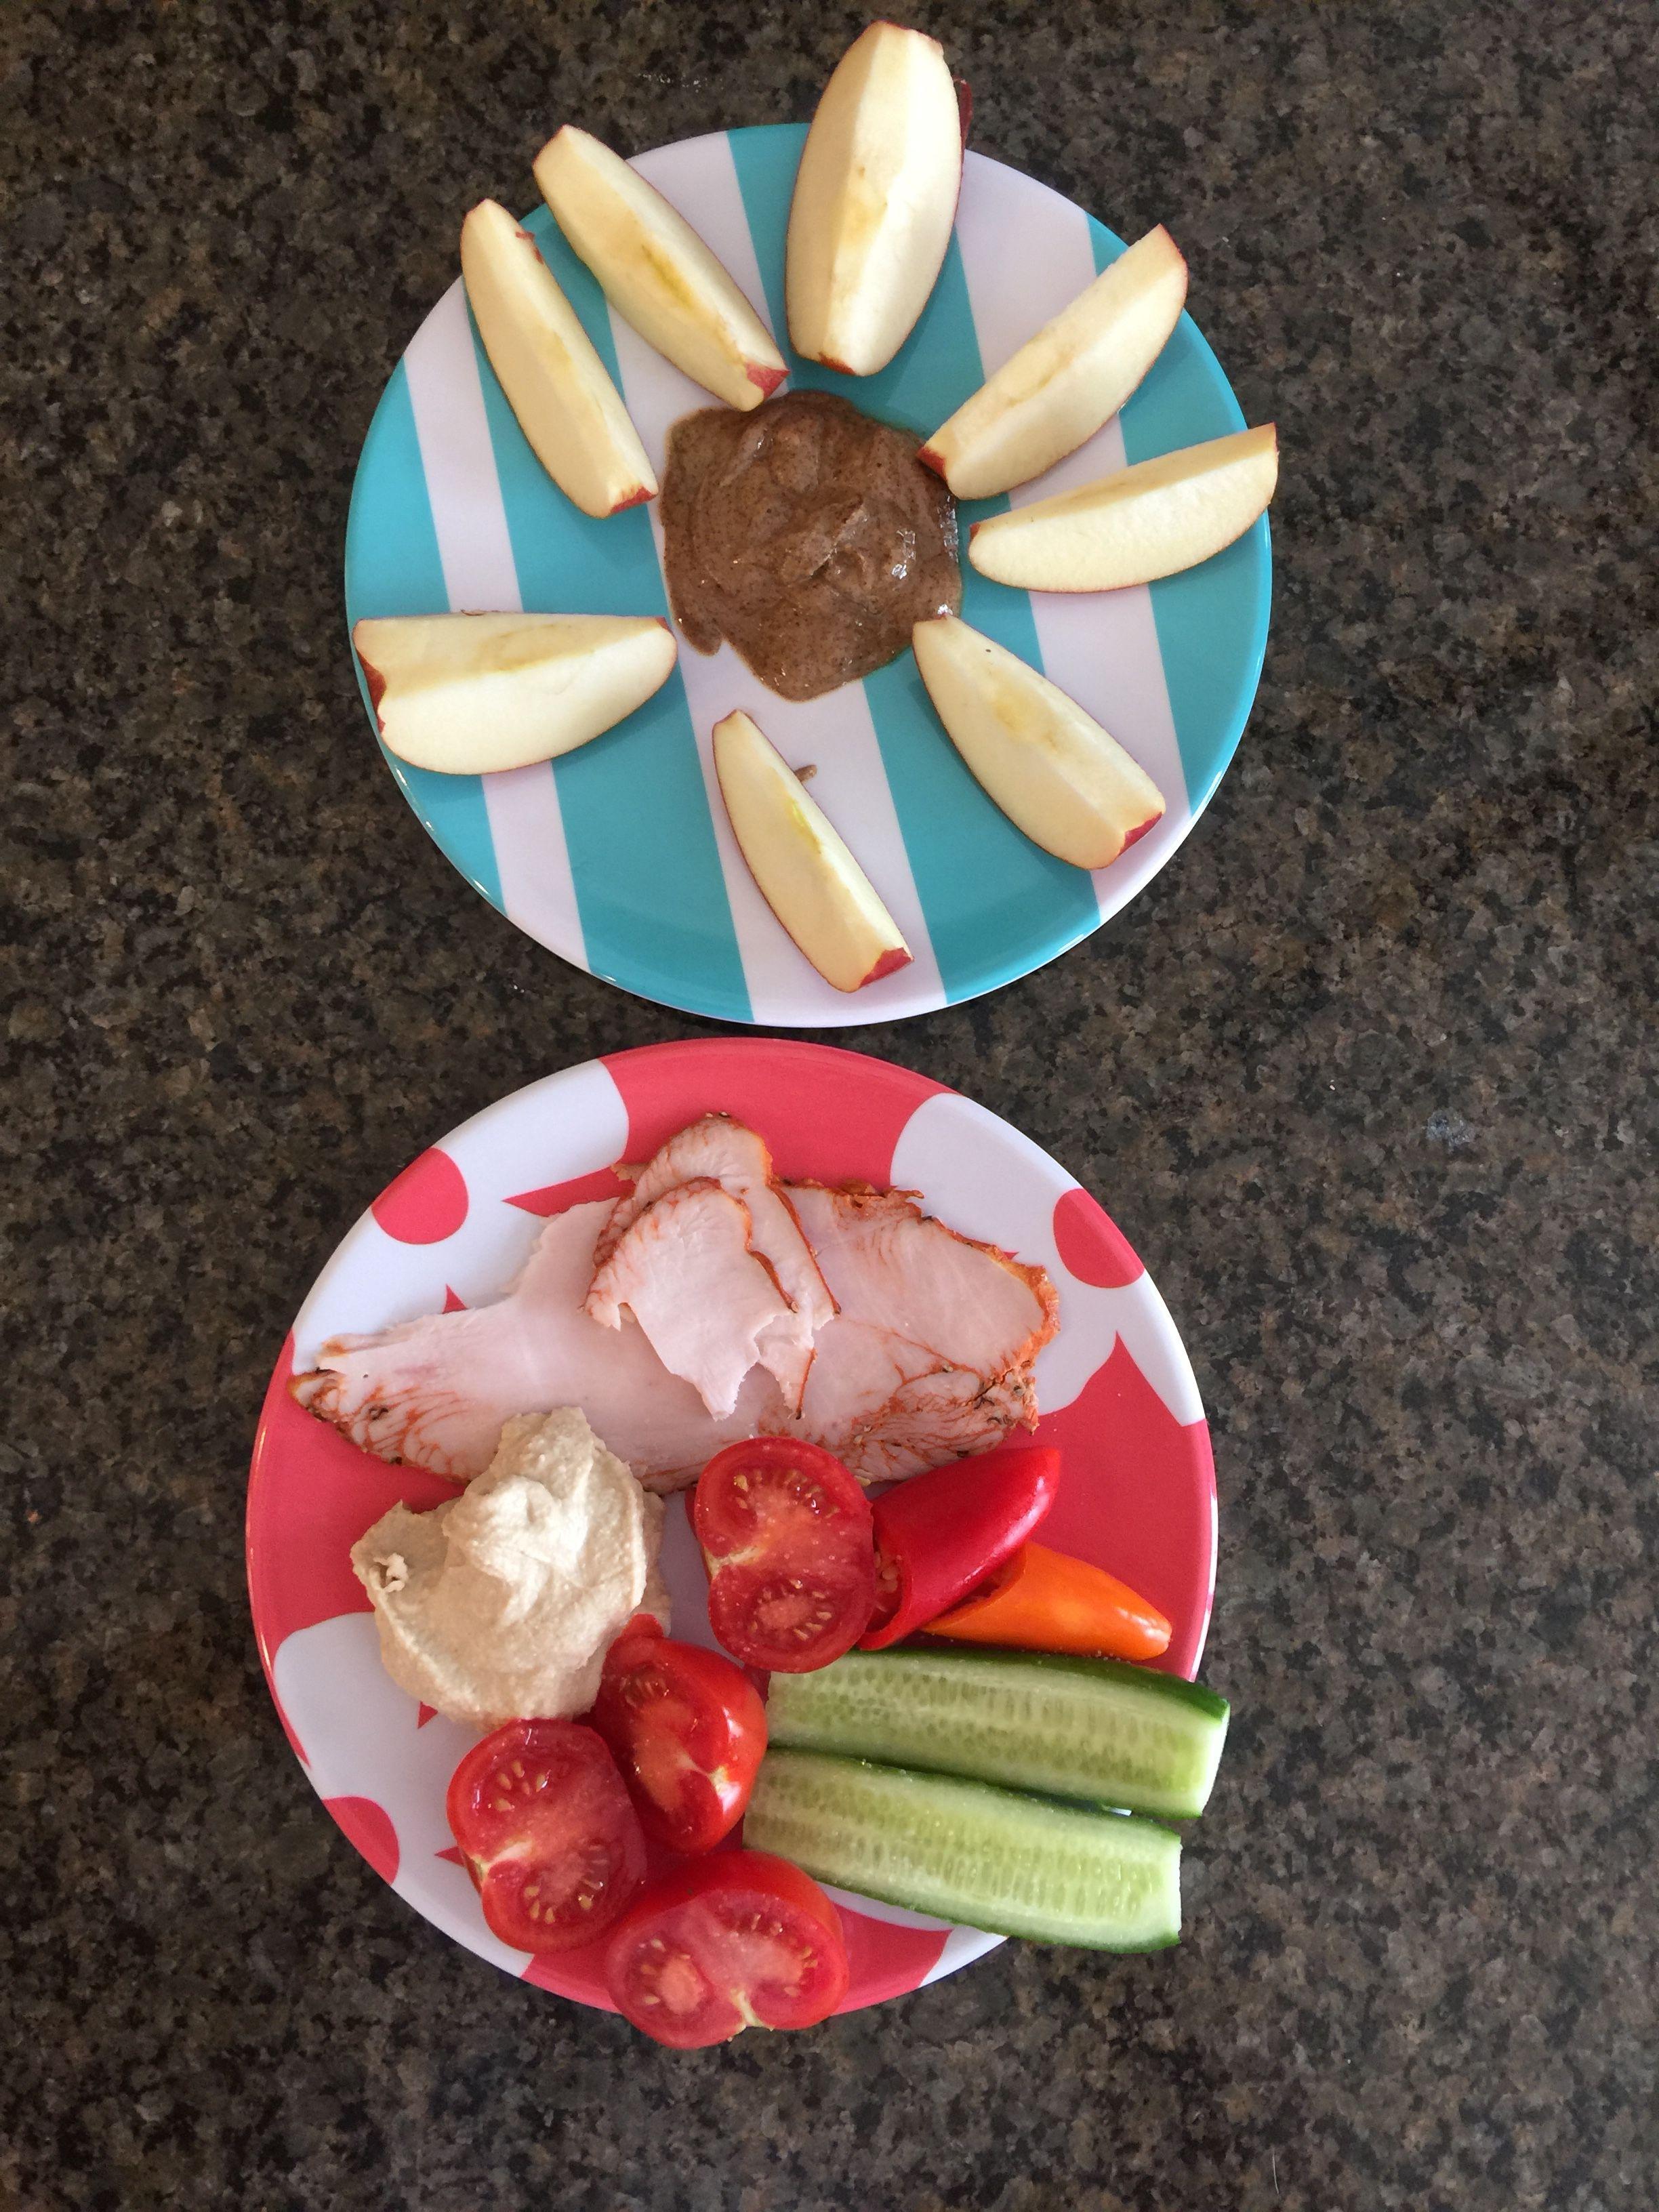 Lunch One apple 1 ounce almond butter 2 ounces turkey 2 ounces hummus 6  ounces veggies